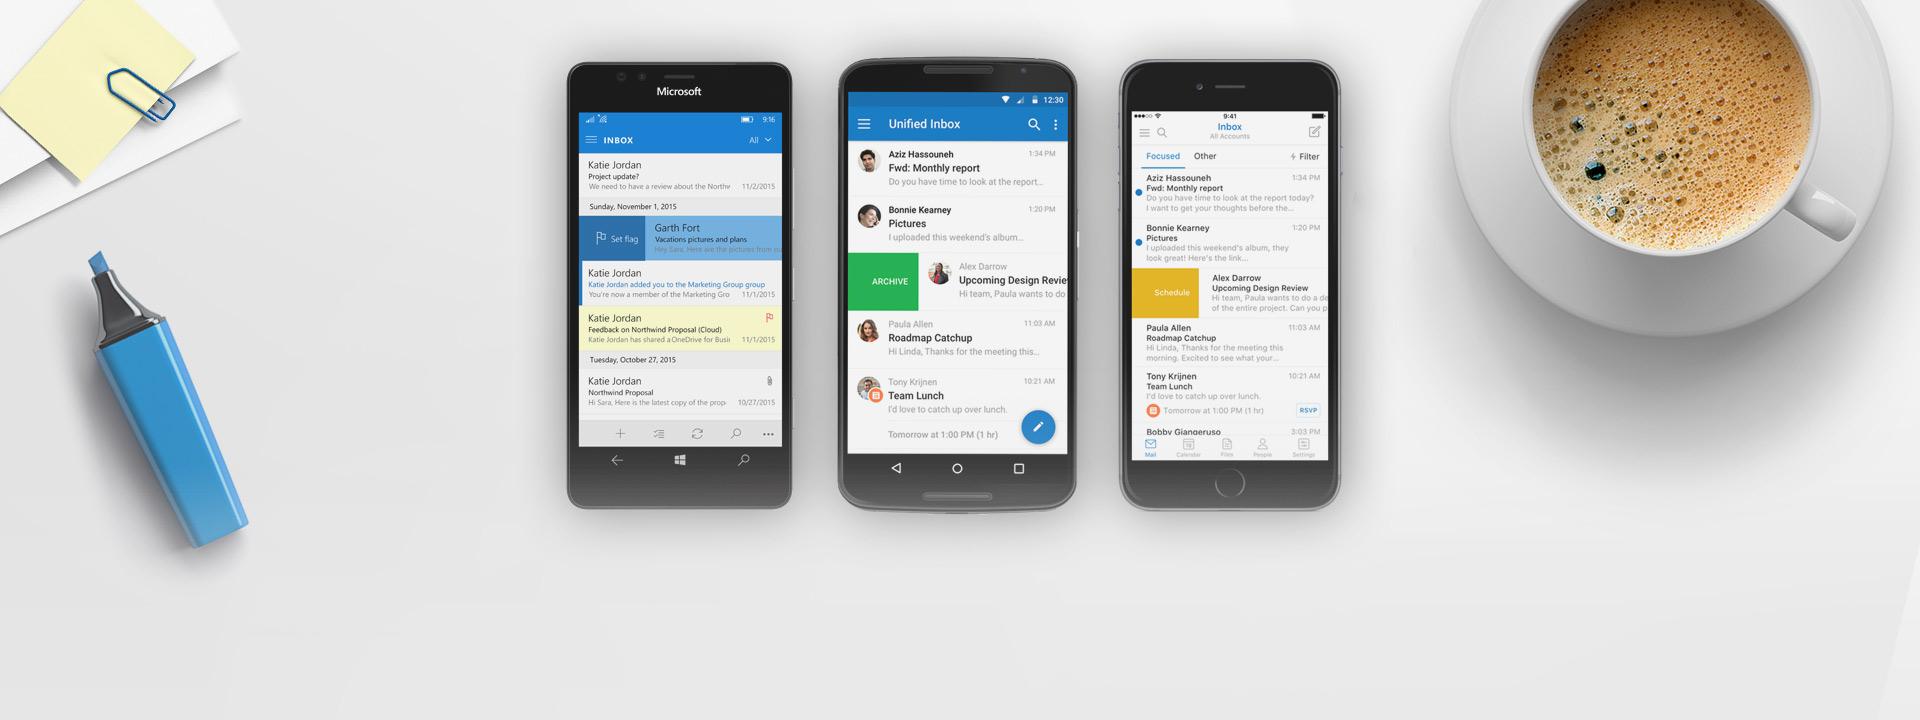 Windows Phone, iPhone und Android-Handy mit Outlook App auf dem Bildschirm